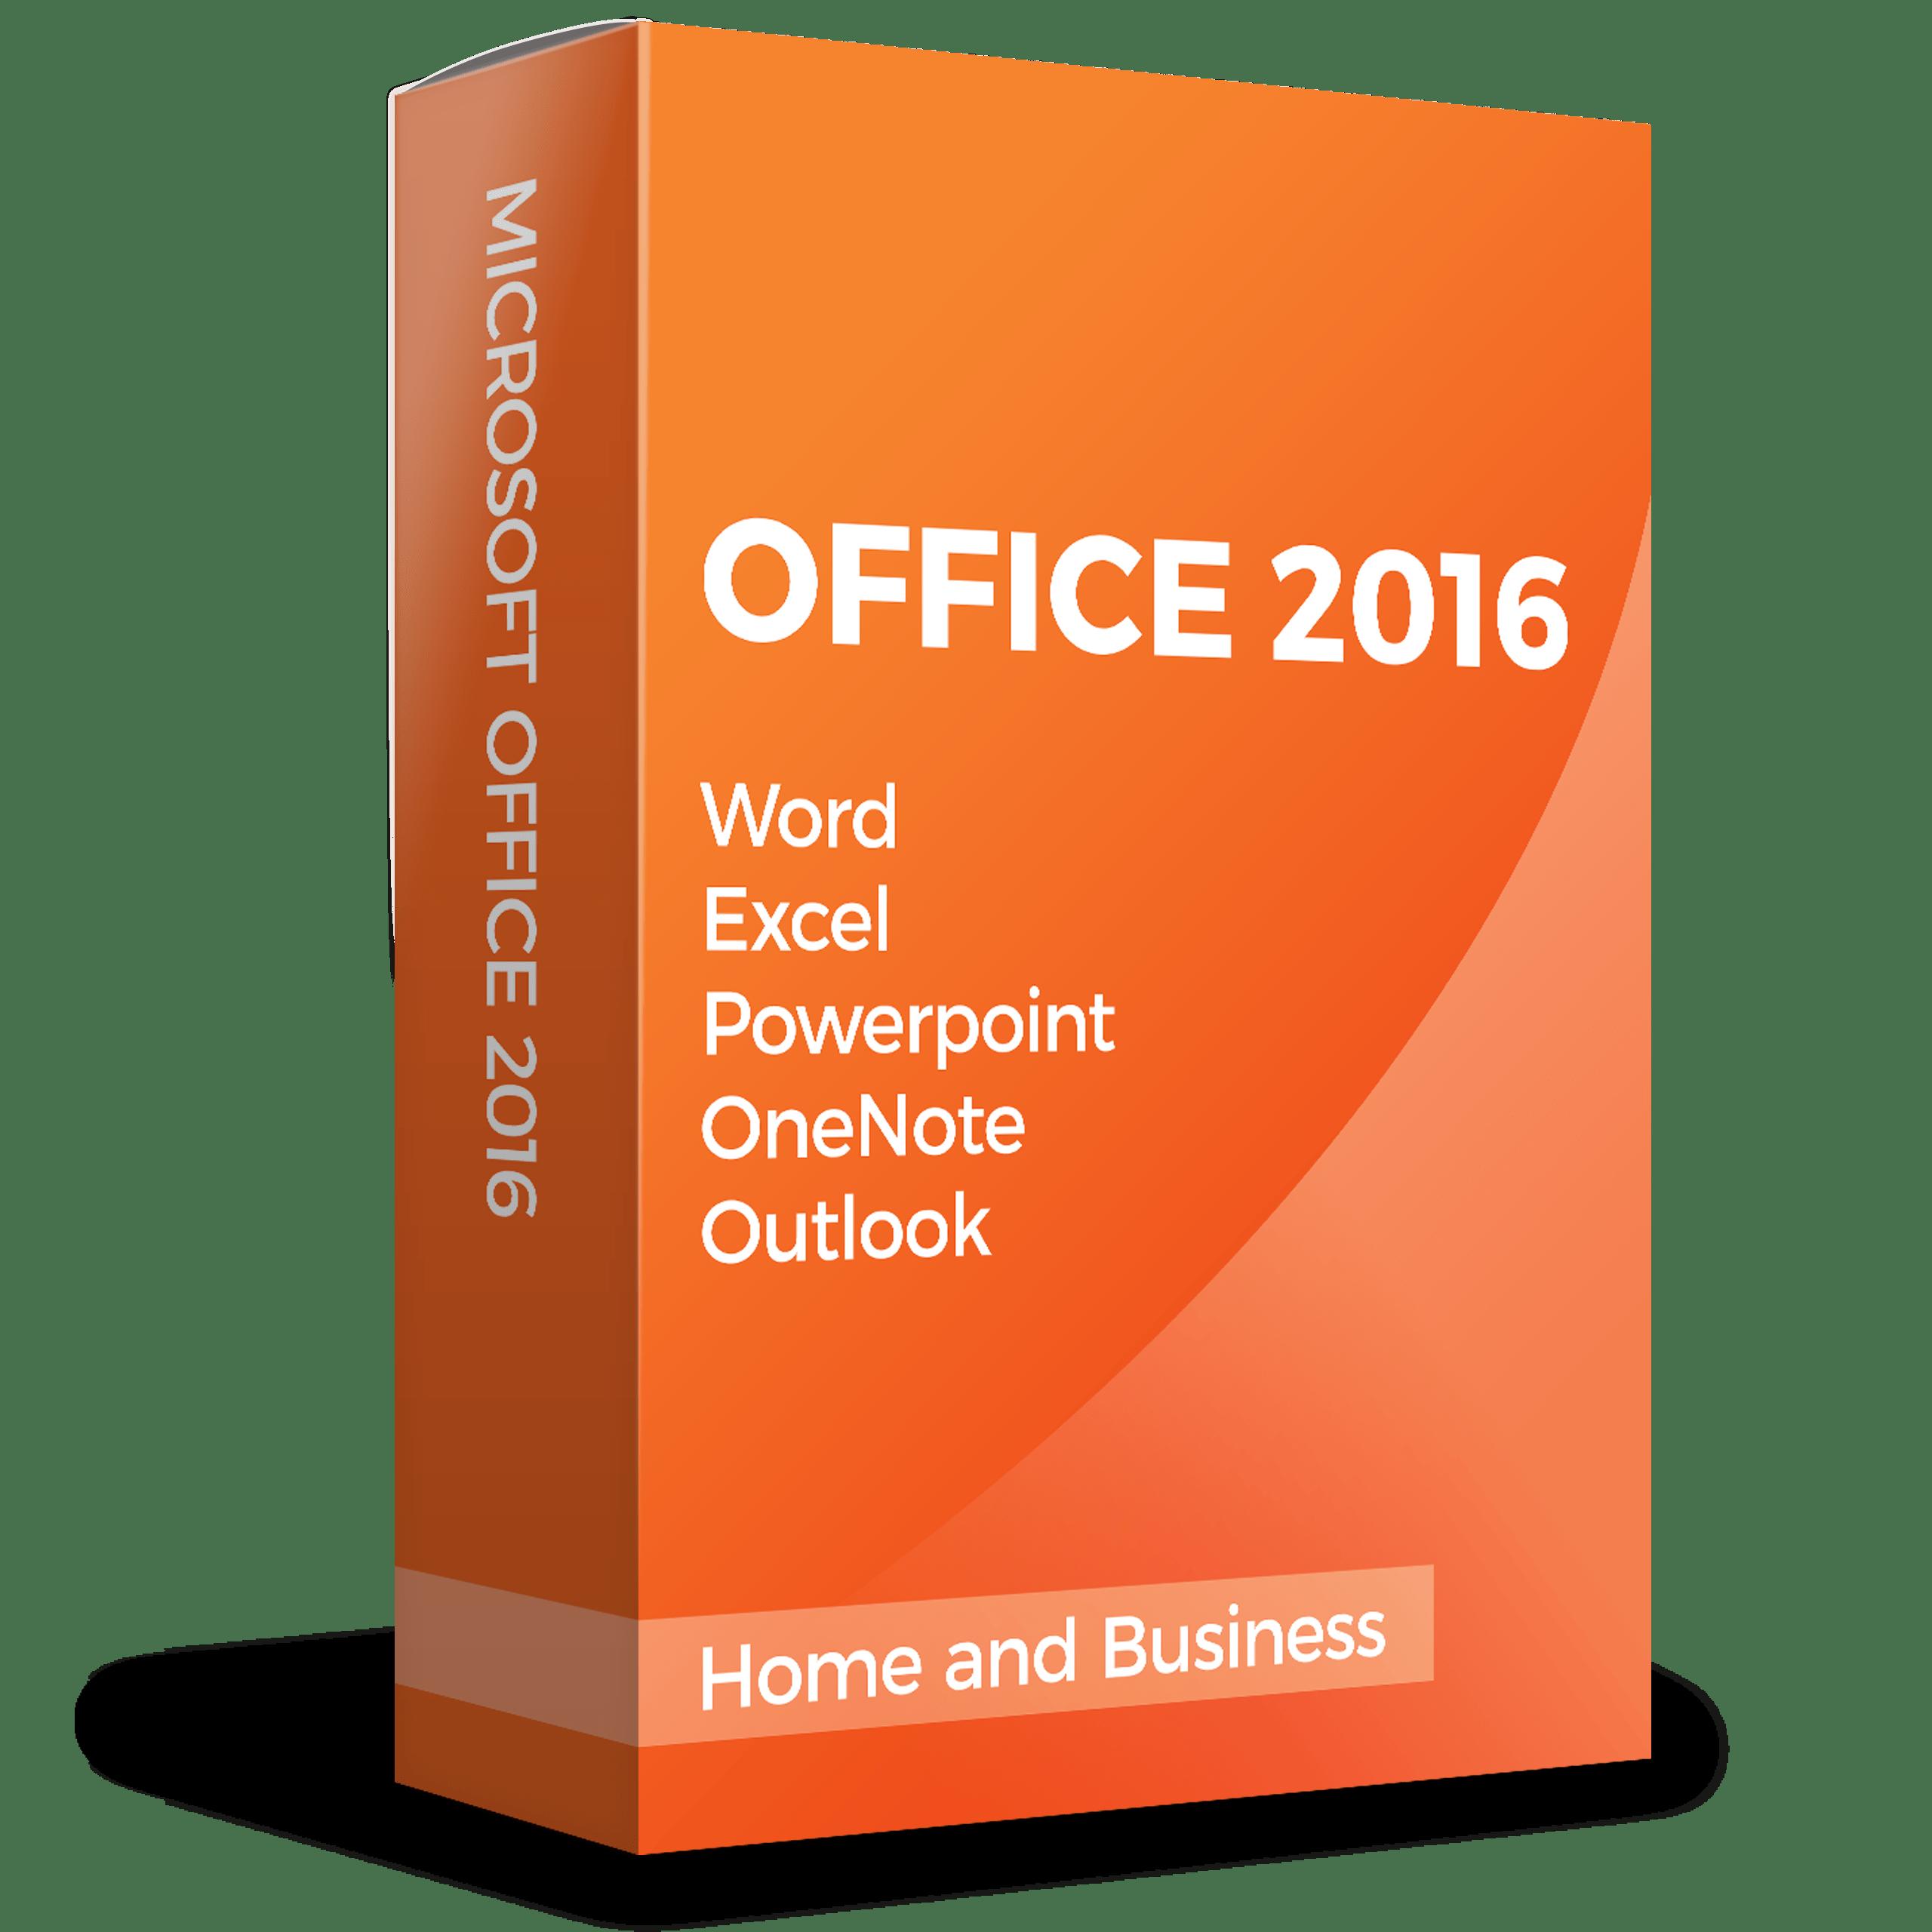 Office paket kaufen,outlook kaufen,powerpoint erwerben,ms, | Lizenzking